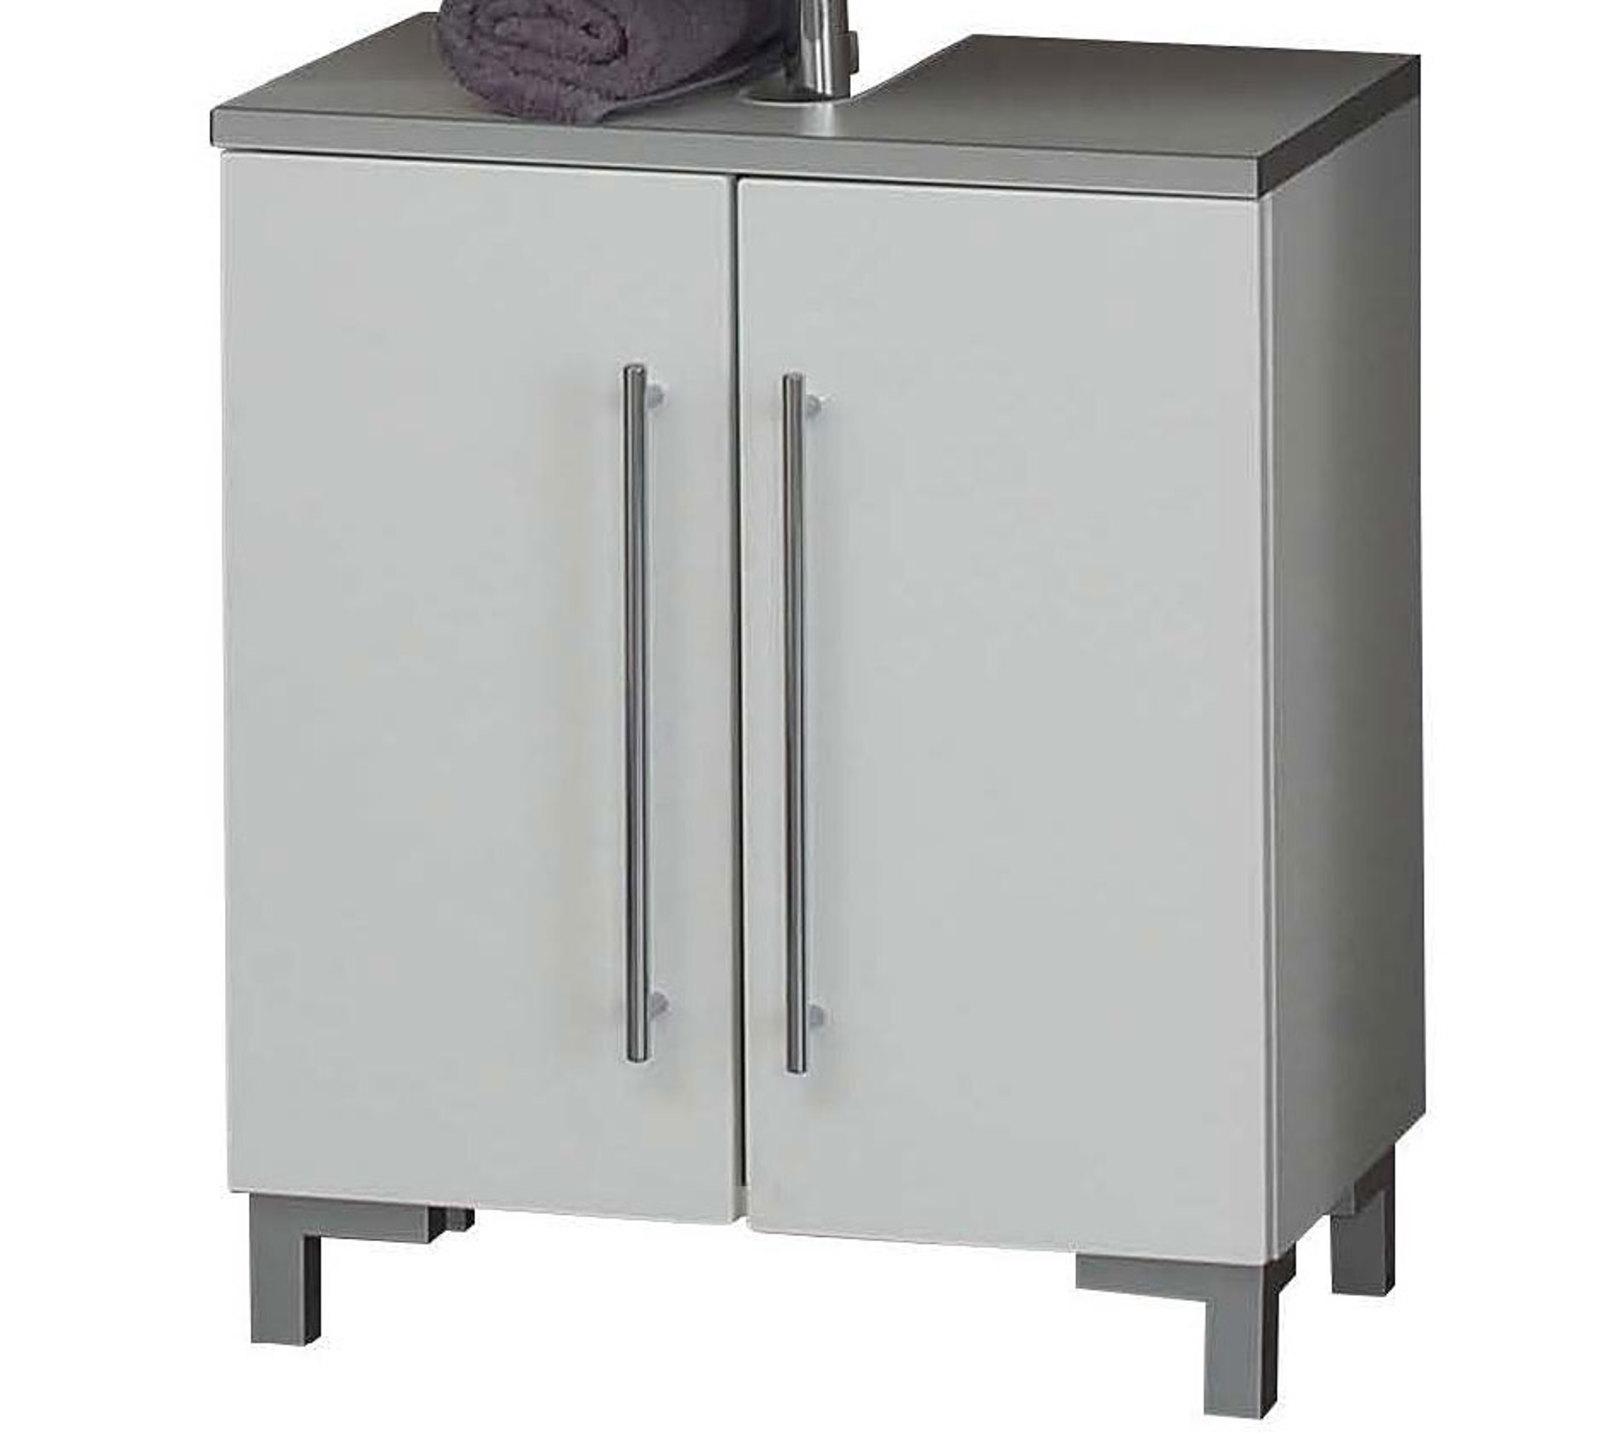 Waschbeckenunterschrank online entdecken | Schaffrath - Ihr Möbelhaus